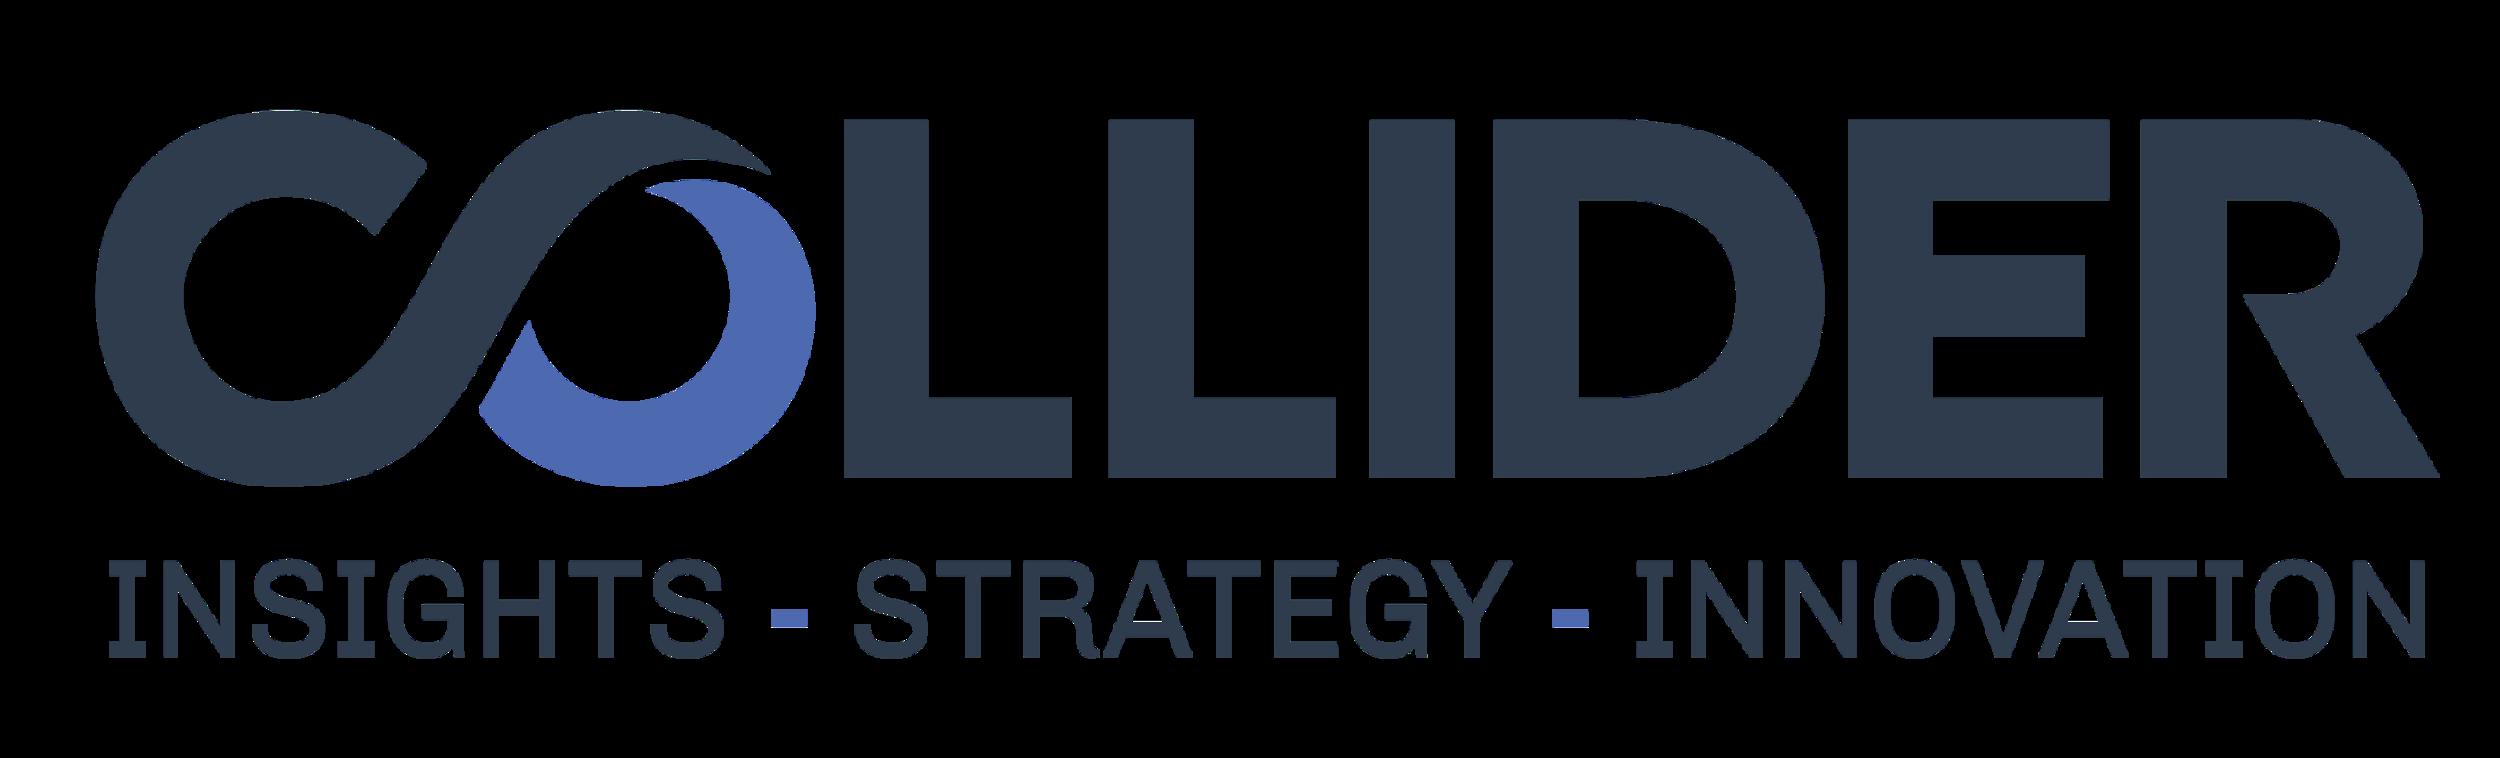 logo- Collider2-RGB.png